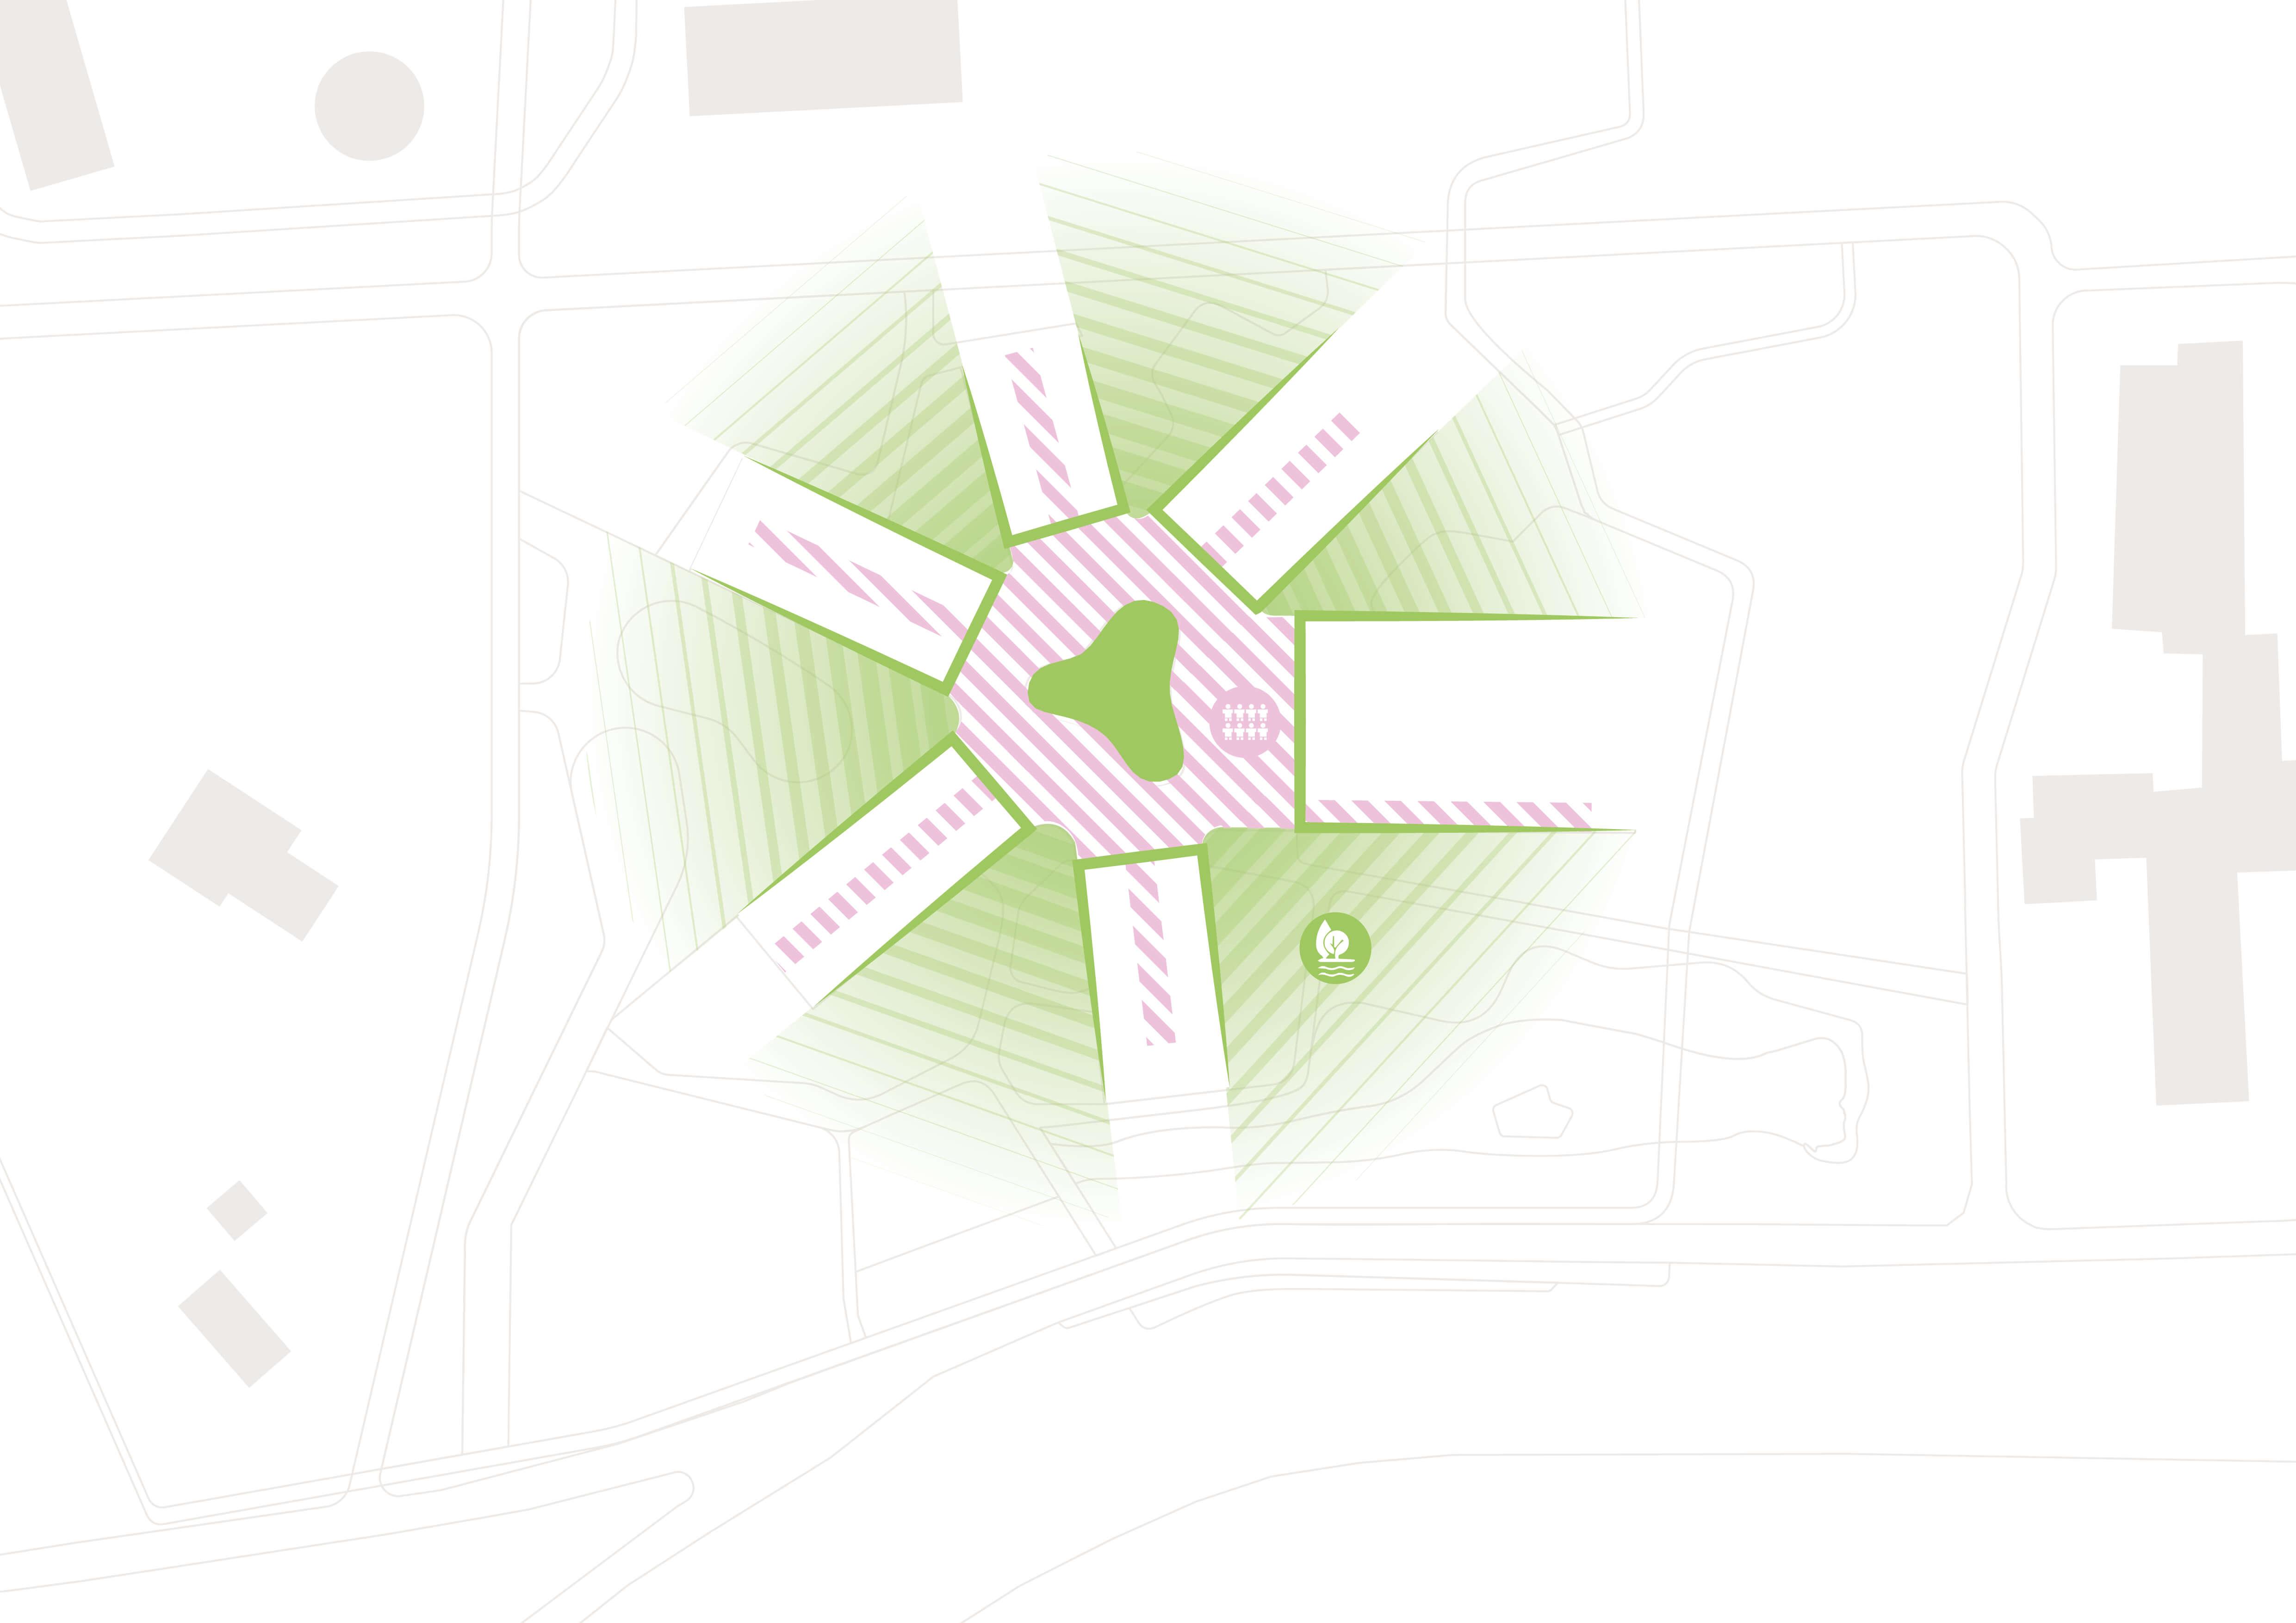 felixx-eemsdelta-schemecore.jpg